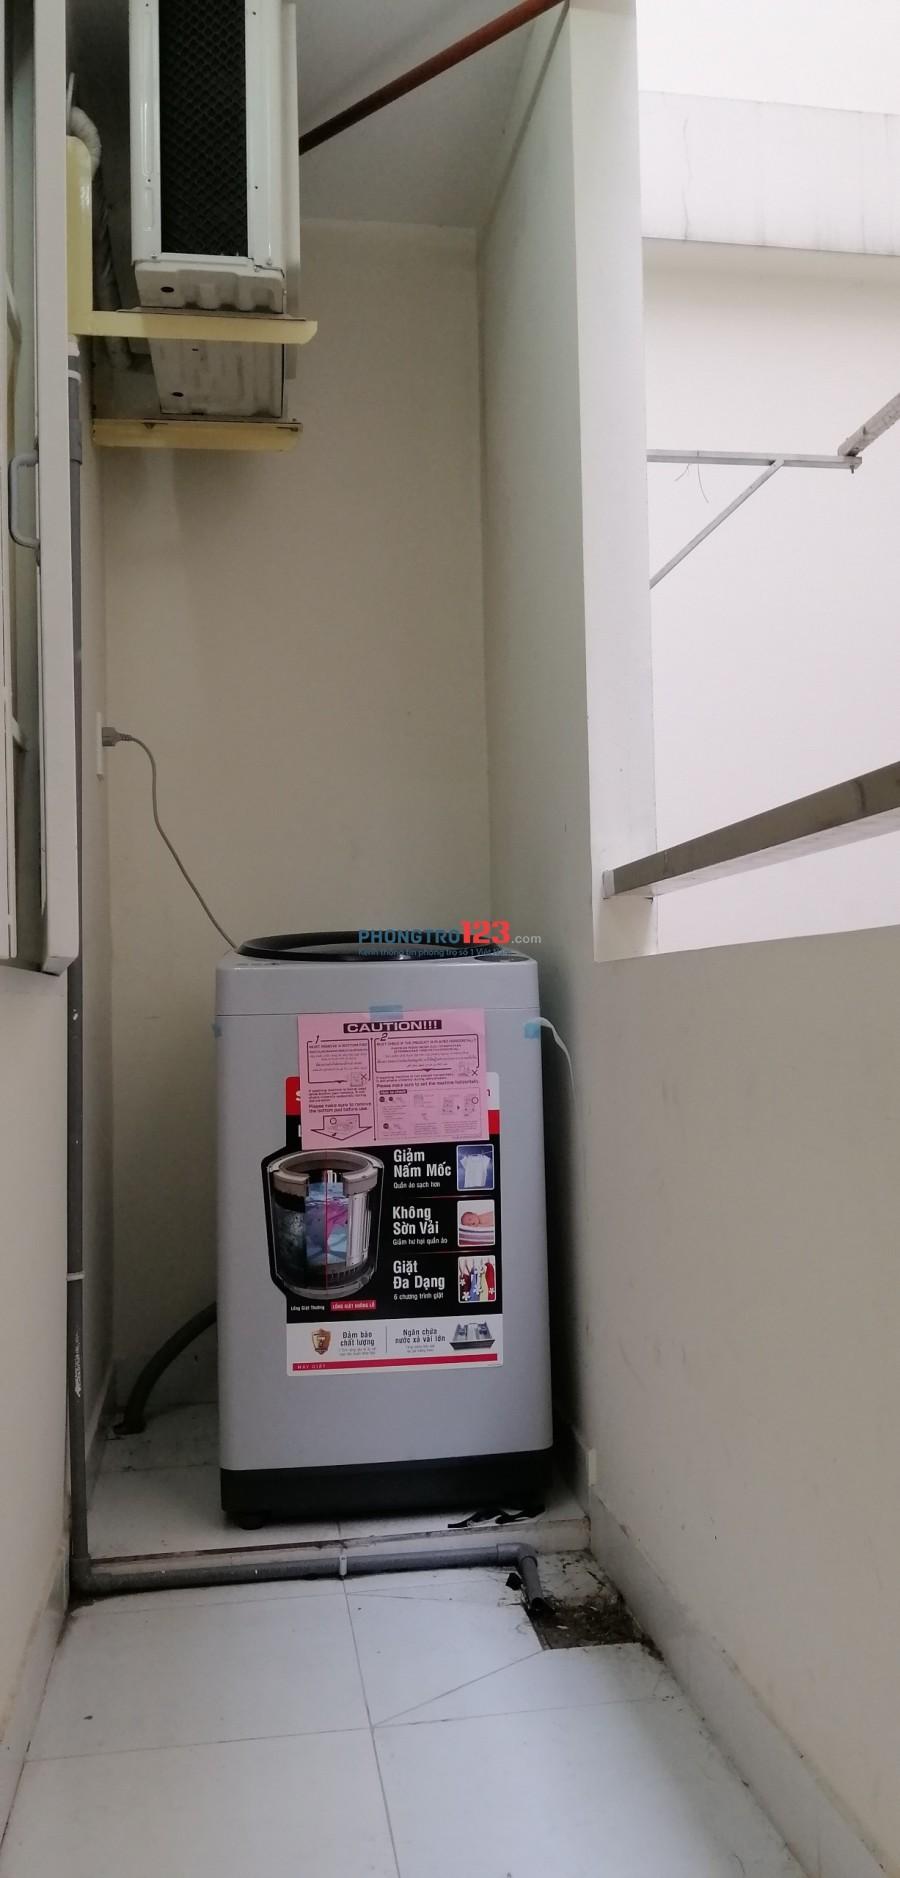 Phòng mới đẹp ban công, máy lạnh, thang máy, bảo vệ chỉ 3.6tr đến 4.2tr